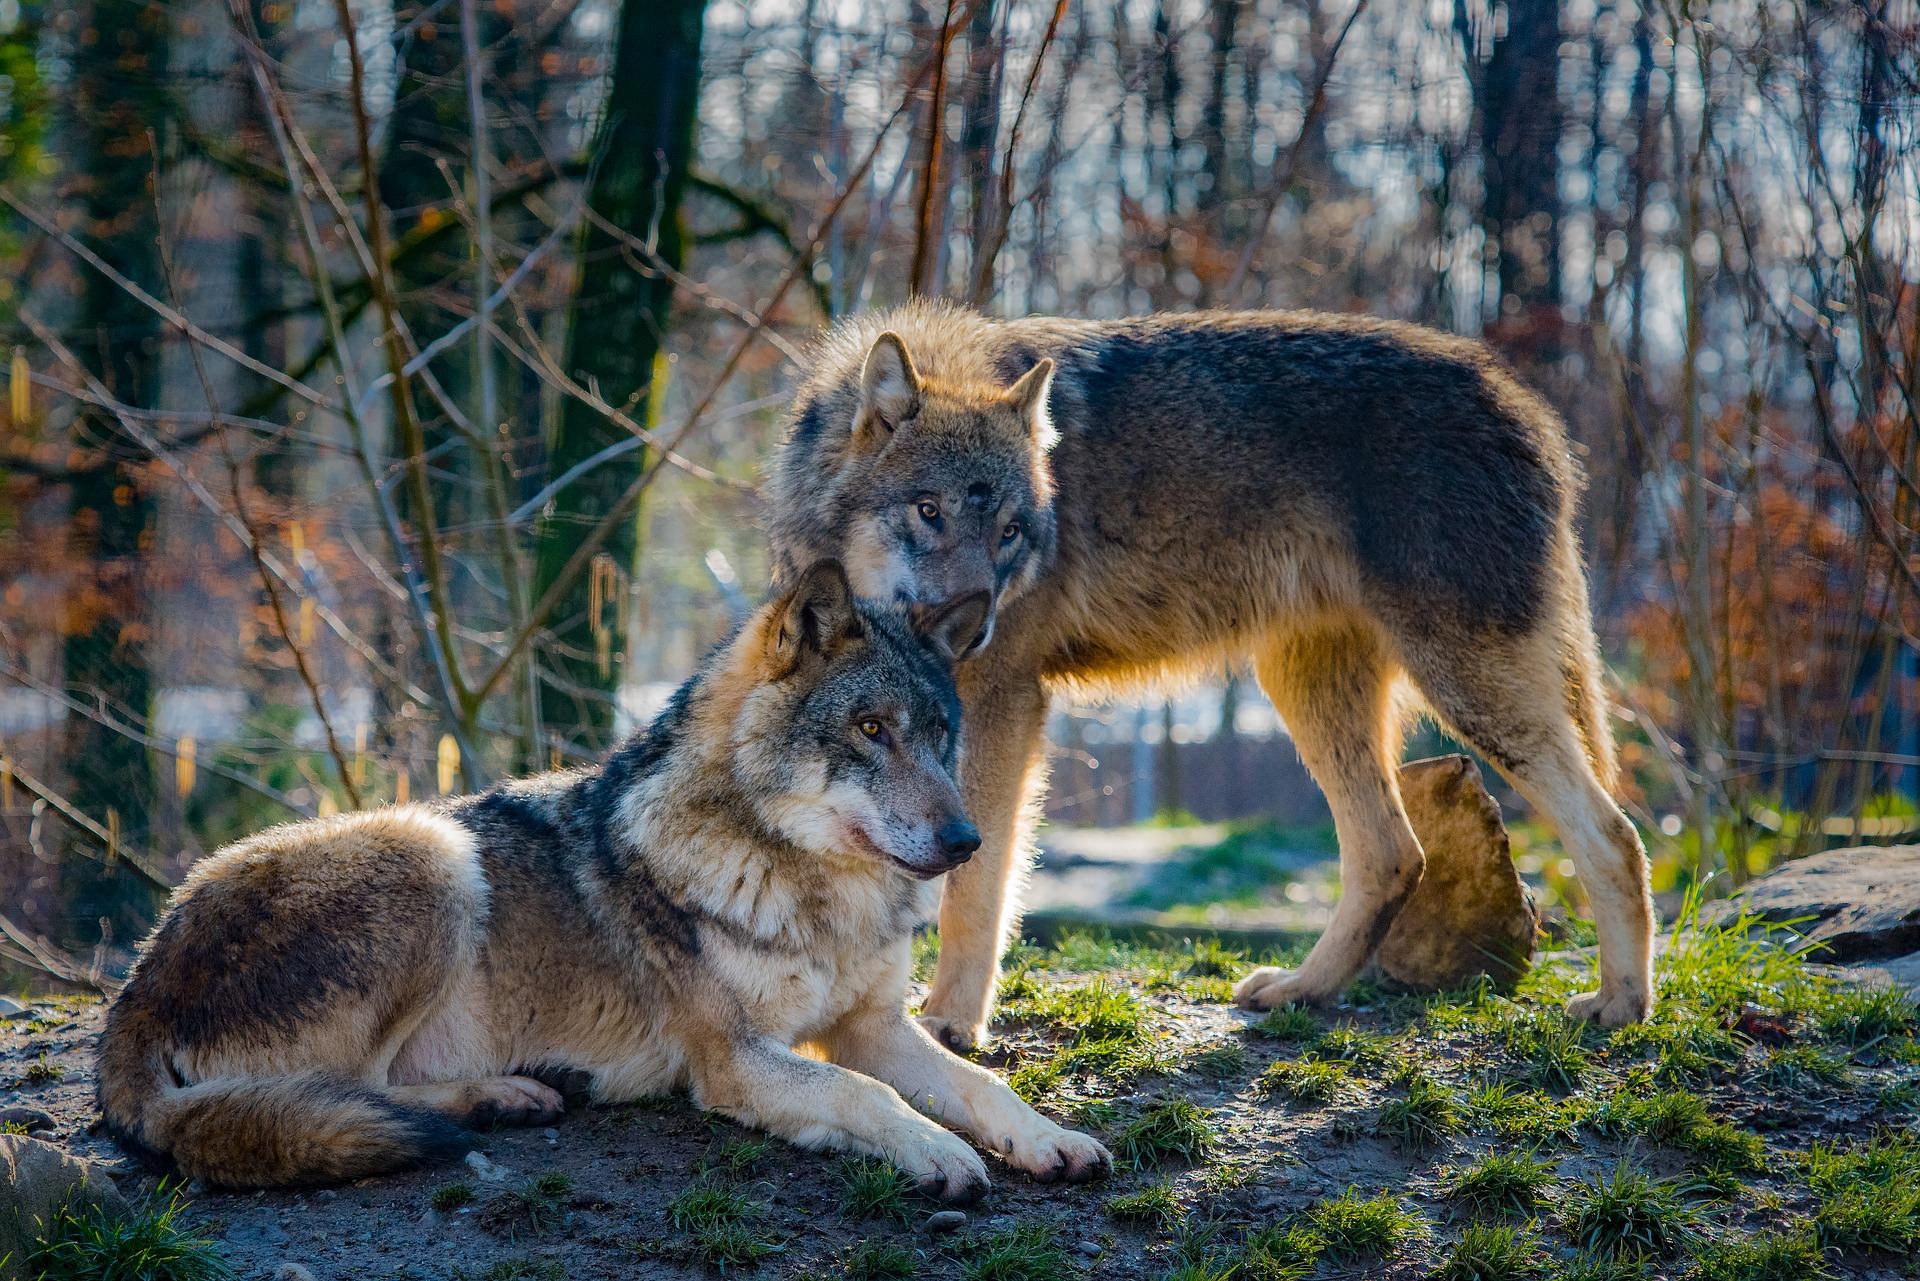 """BRZOZÓW: Odstrzał wilków: """"Chodziło też o ochronę czystości gatunku"""" – tłumaczy GDOŚ - Zdjęcie główne"""